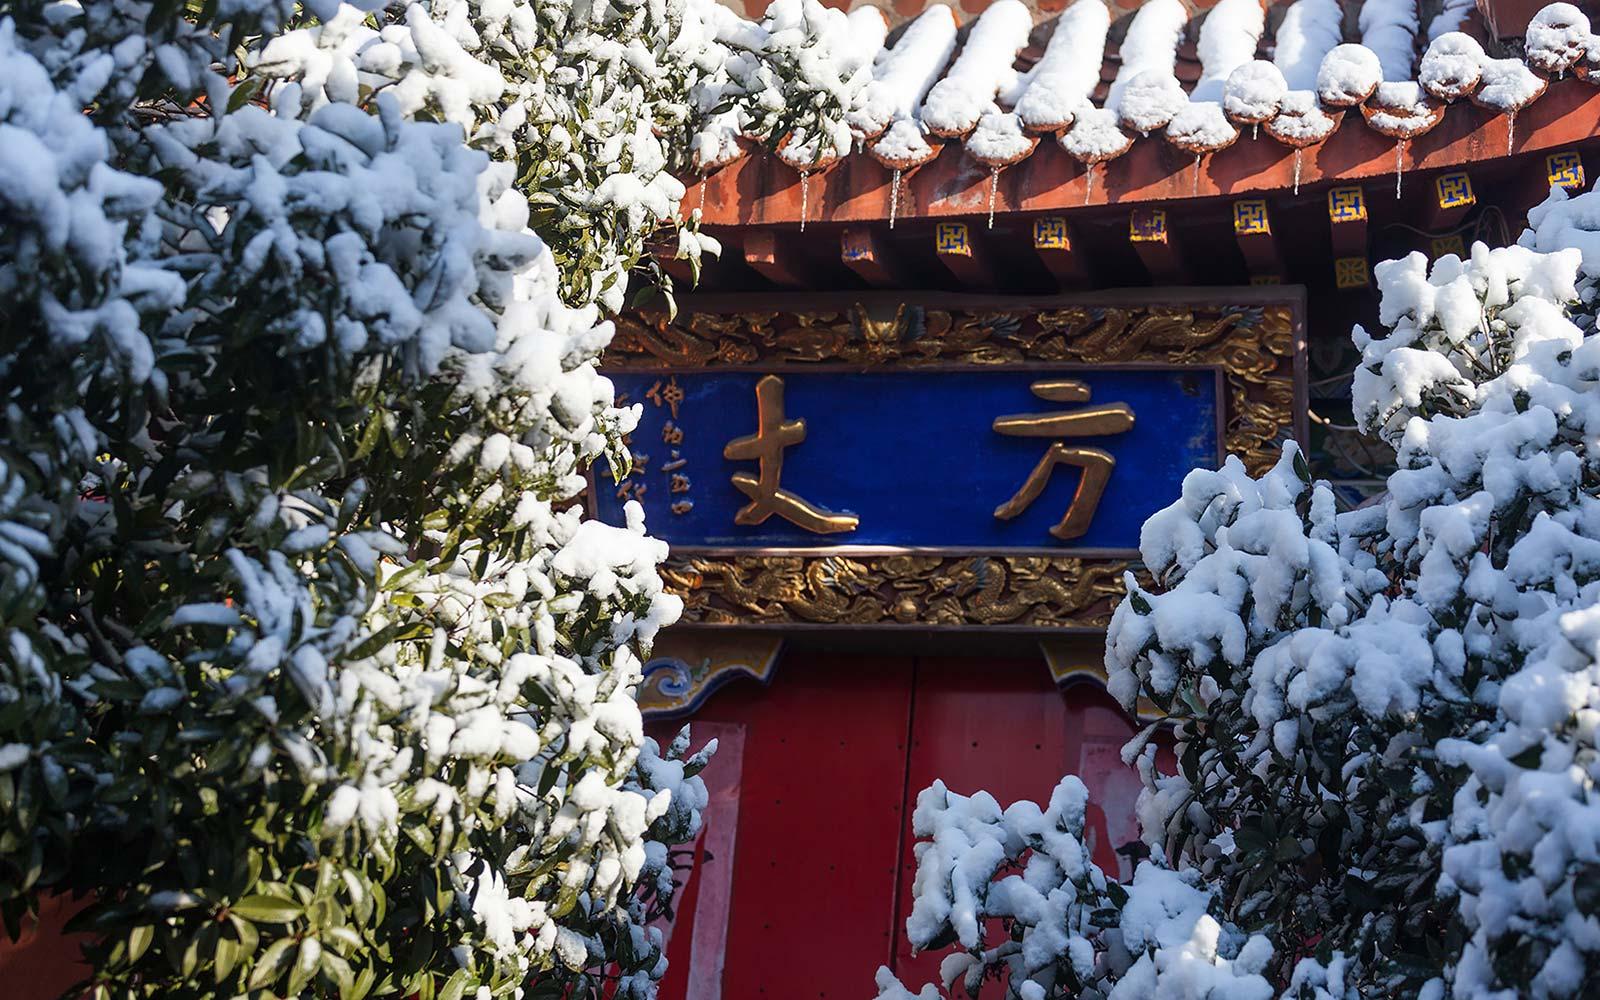 雪霁初晴鼓山寺